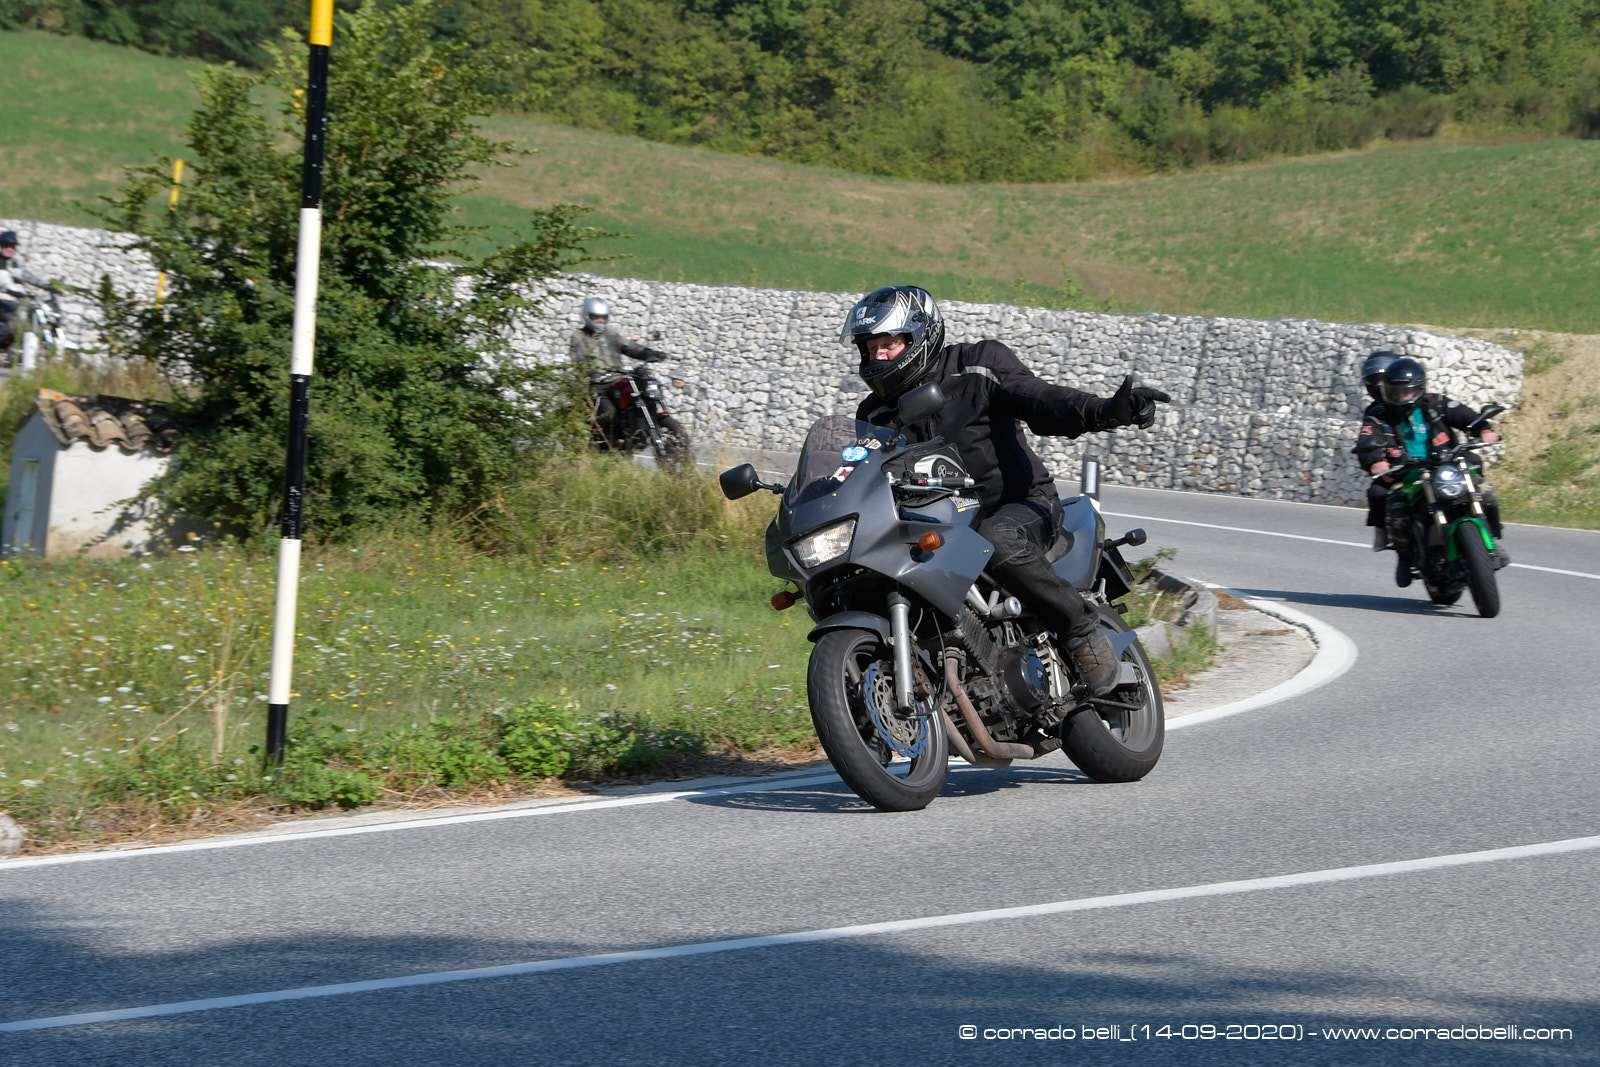 0109_-Benelli-Week-14-09-20